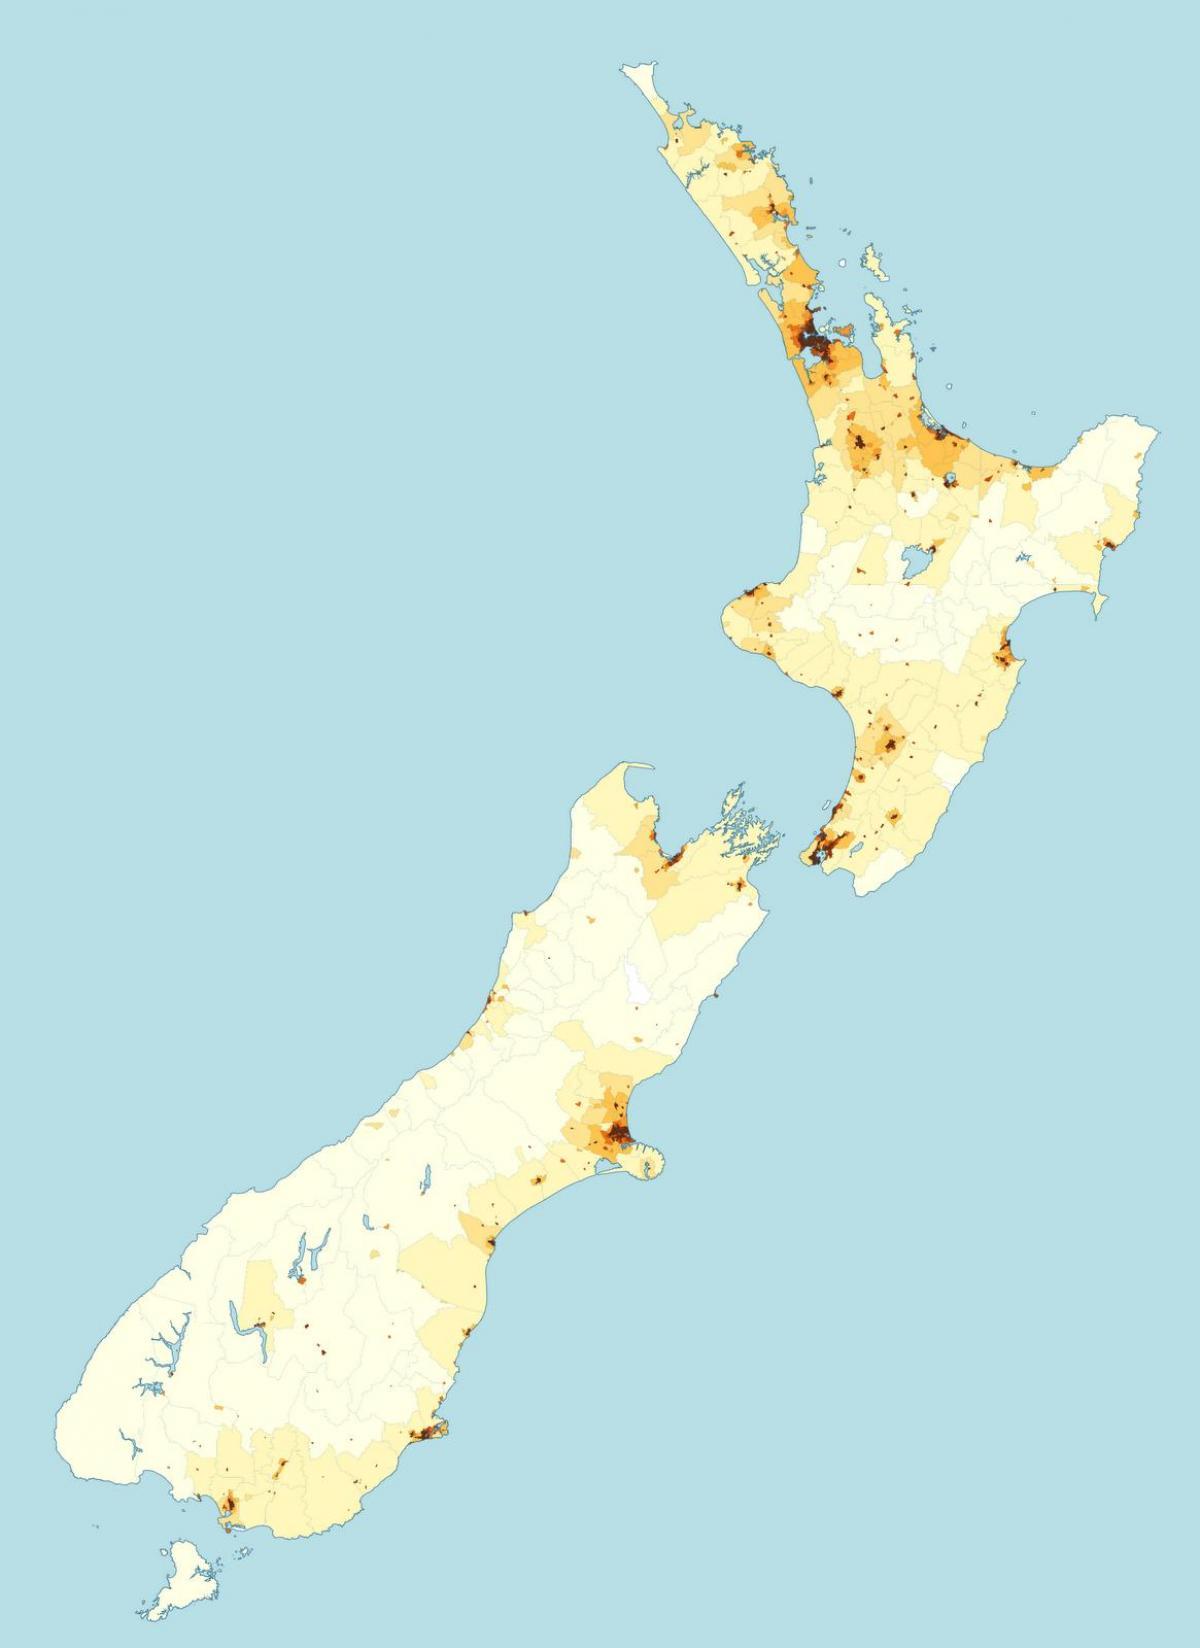 Cartina Nuova Zelanda.Popolazione Della Nuova Zelanda Mappa Nuova Zelanda Densita Di Popolazione Mappa Australia E Nuova Zelanda Oceania